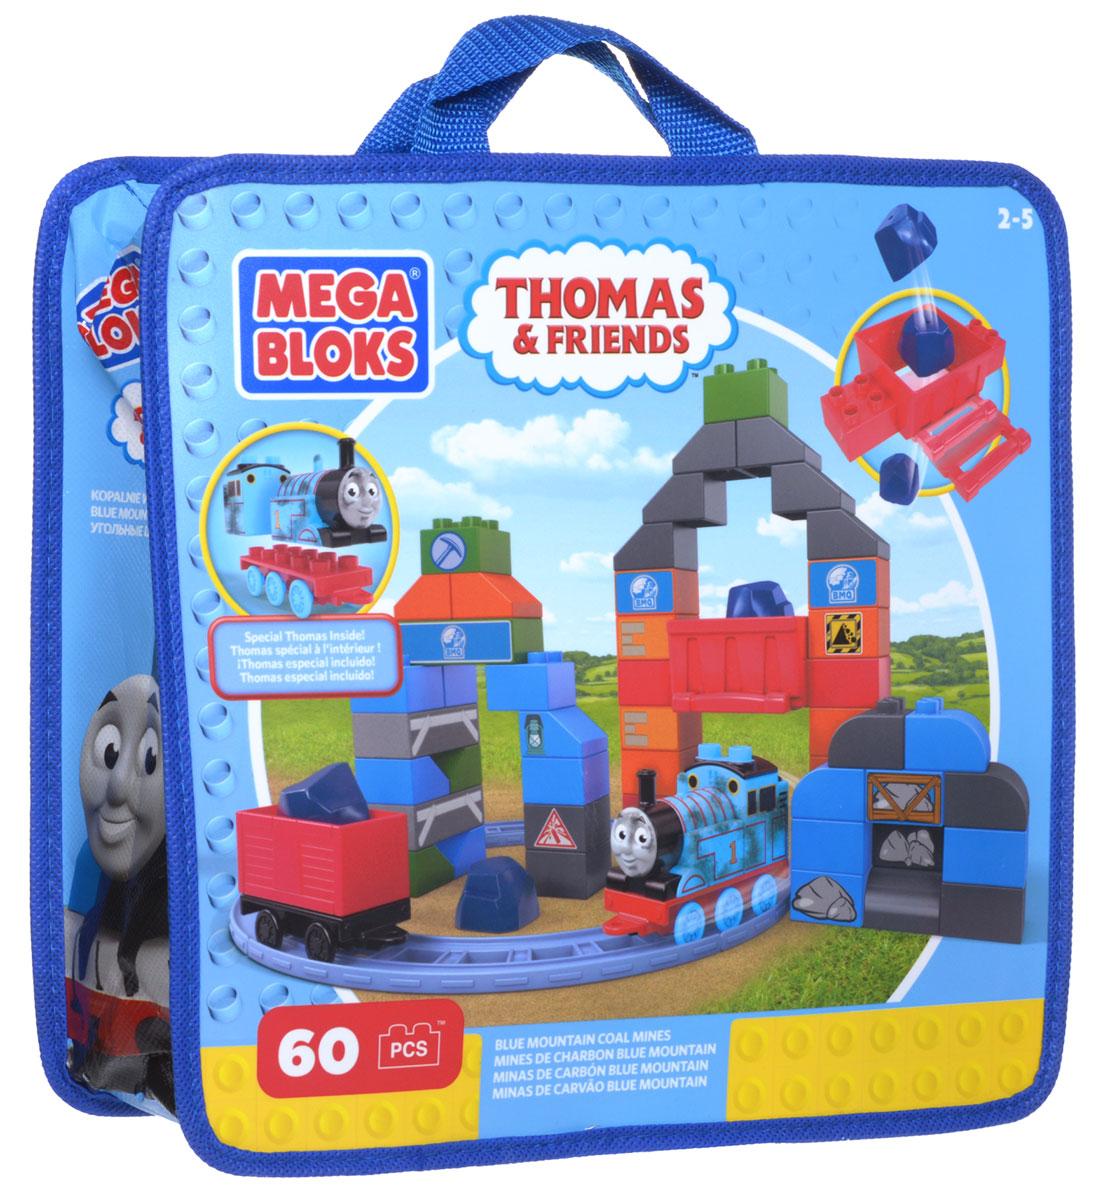 Mega Bloks Конструктор Угольные шахтыCNJ11_CNJ74Конструктор Mega Bloks Угольные шахты - удивительный подарок для вашего ребенка! Конструкторы Mega Bloks - это новые горизонты творчества. Каждый из наборов - это завершенная конструкция, имеющая некий сюжет. Этот конструктор входит в серию наборов Thomas & Friends, созданных по одноименному мультфильму. Томас и его верная команда помогают жителям городка: привозят почту, чинят железнодорожные пути и возят пассажиров к пунктам назначения. Ваш маленький водитель из 60 элементов конструктора сможет построить гору с железной дорогой, которая ведет прямо в угольную шахту. Пустите паровозик по рельсам и загрузите его вагон углем из специальных баков. Но осторожней! Не просыпьте уголь! Это тяжелая и грязная работа. Только посмотрите, Томас весь покрыт сажей! Ваш малыш сможет двигать Томаса по рельсам в разные стороны и поможет паровозику доставить уголь вовремя. Все элементы конструктора совместимы с другими сборными паровозами из этой серии....